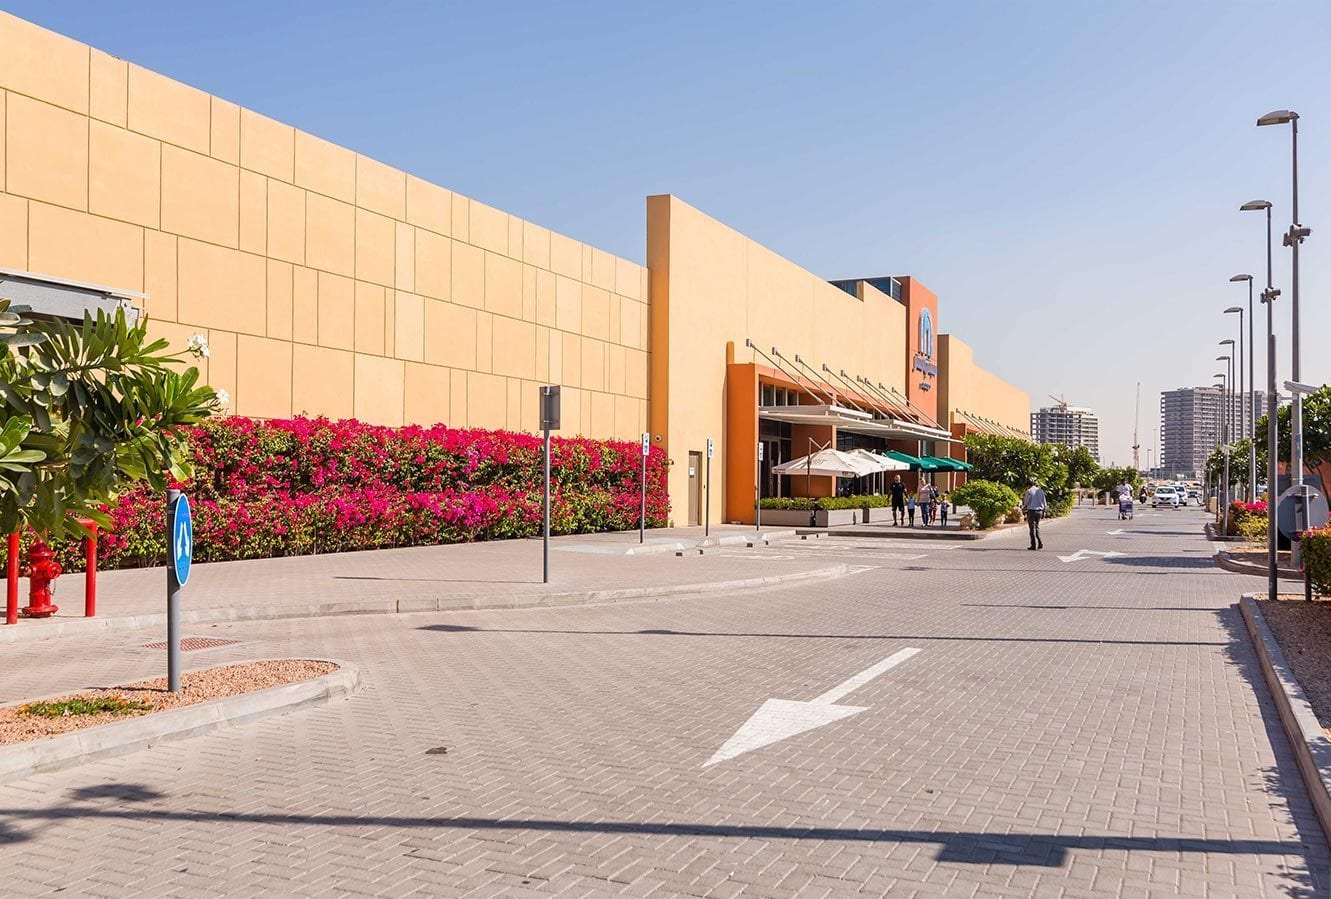 منطقة مثلث قرية الجميرا في إمارة دبي